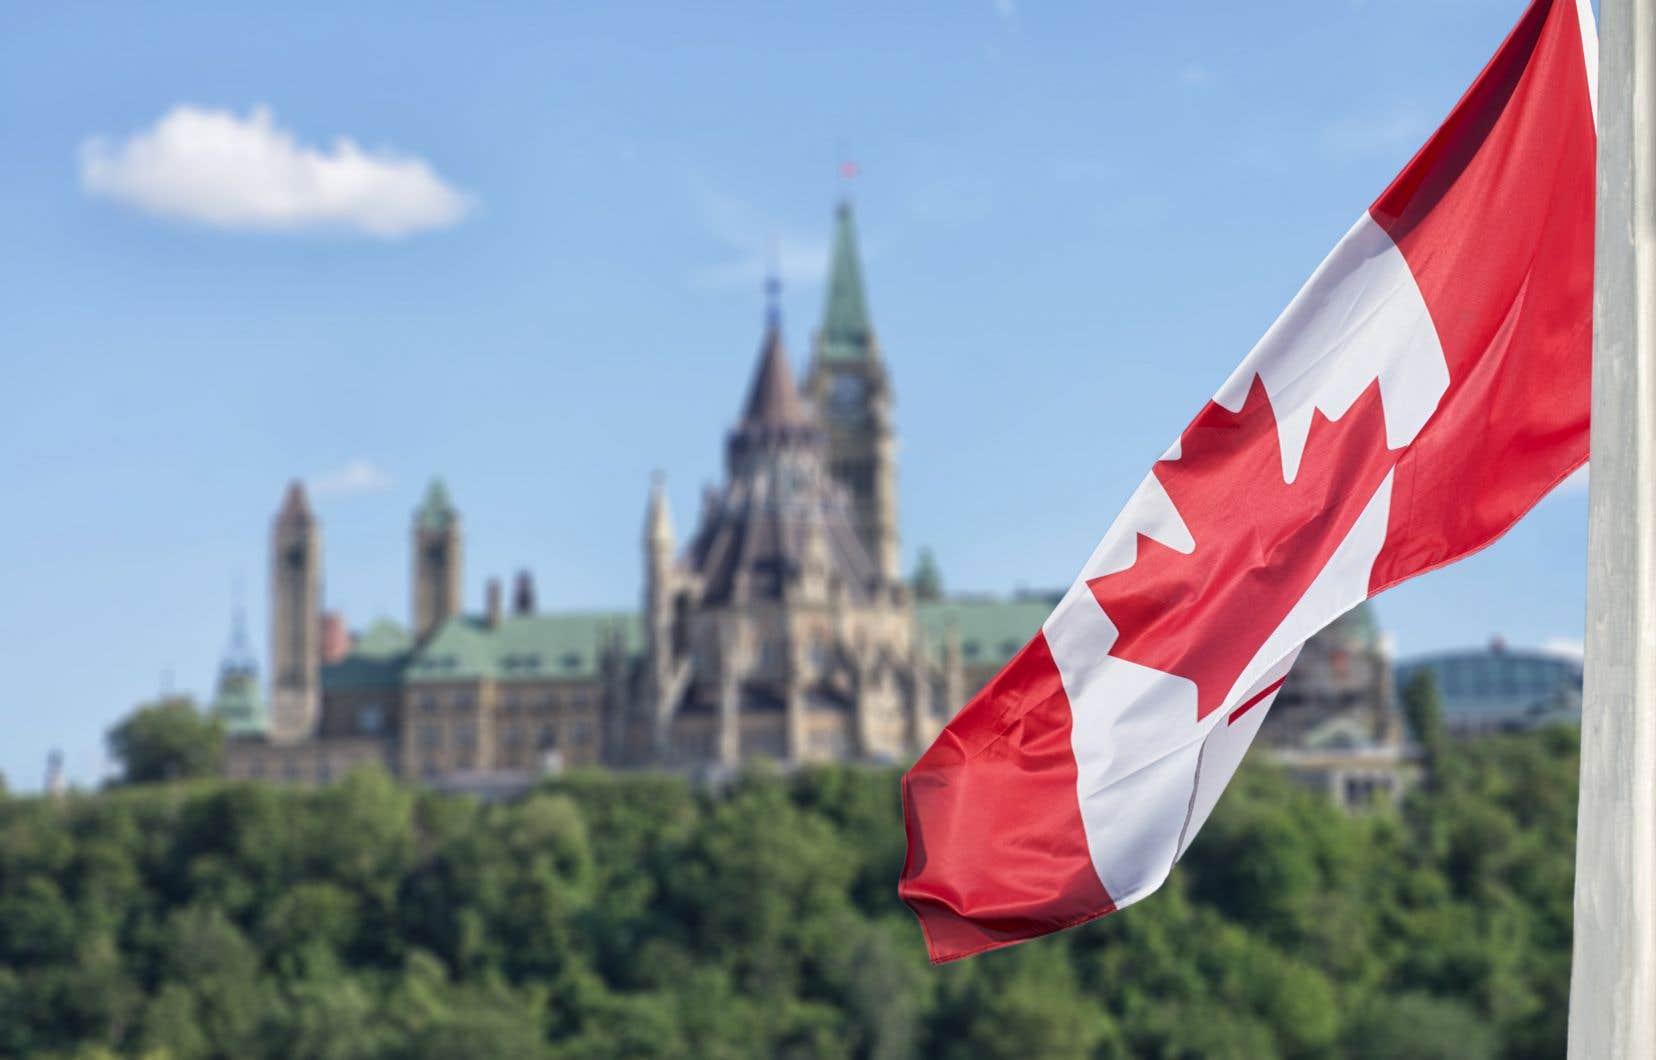 «Le mode actuel de gestion de la fonction traduction au sein de l'appareil fédéral entraîne des conséquences préjudiciables pour le gouvernement du Canada et pour les Canadiens», estime l'auteur.